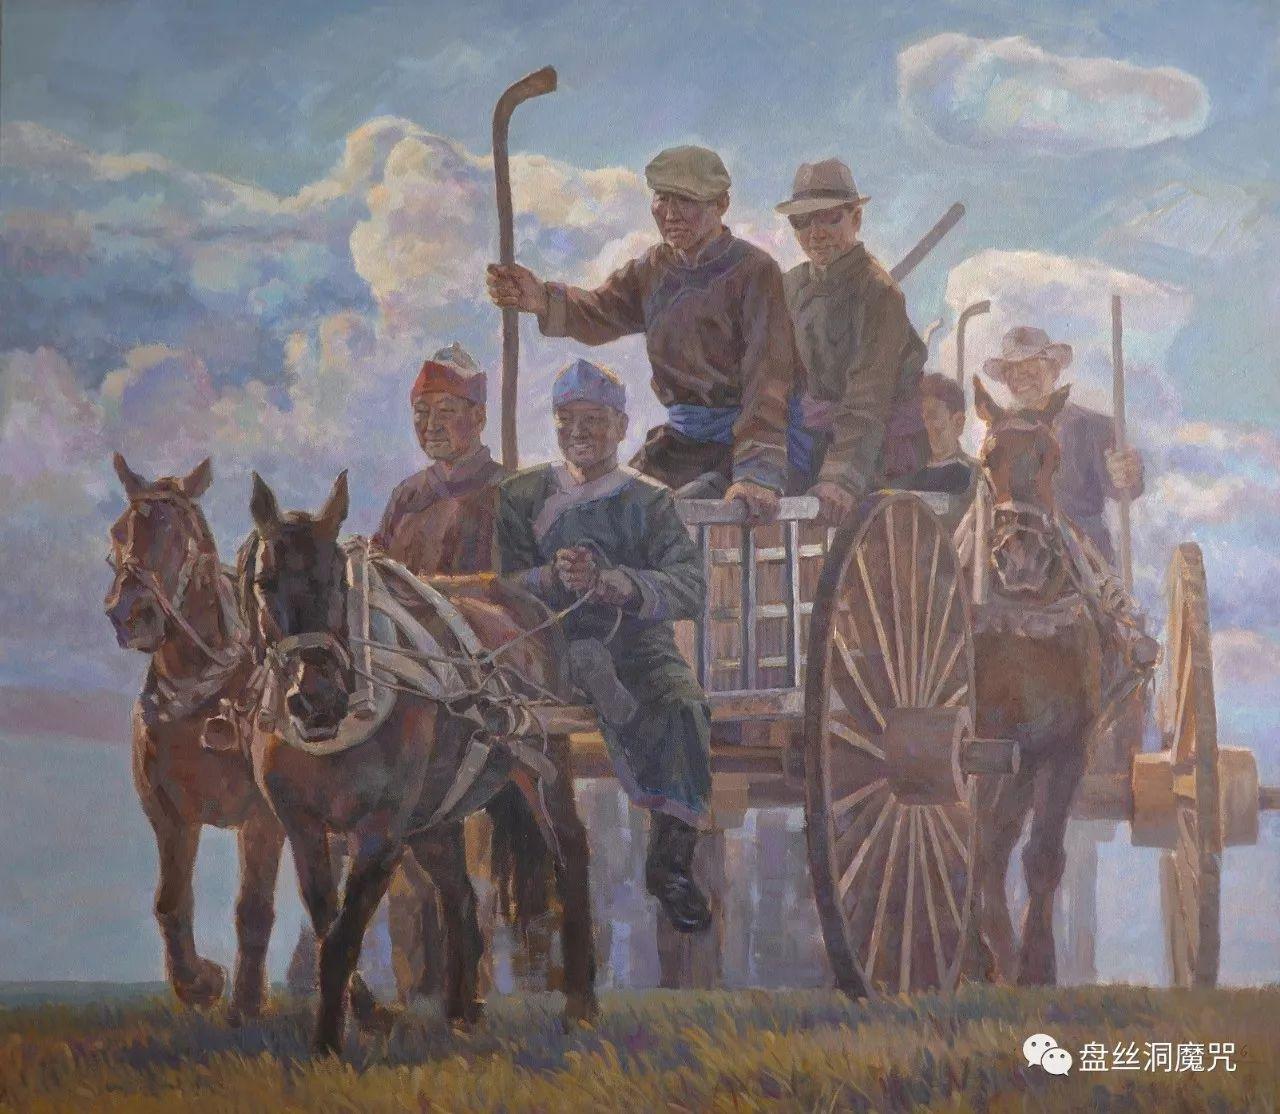 关安平水彩作品欣赏 第12张 关安平水彩作品欣赏 蒙古画廊